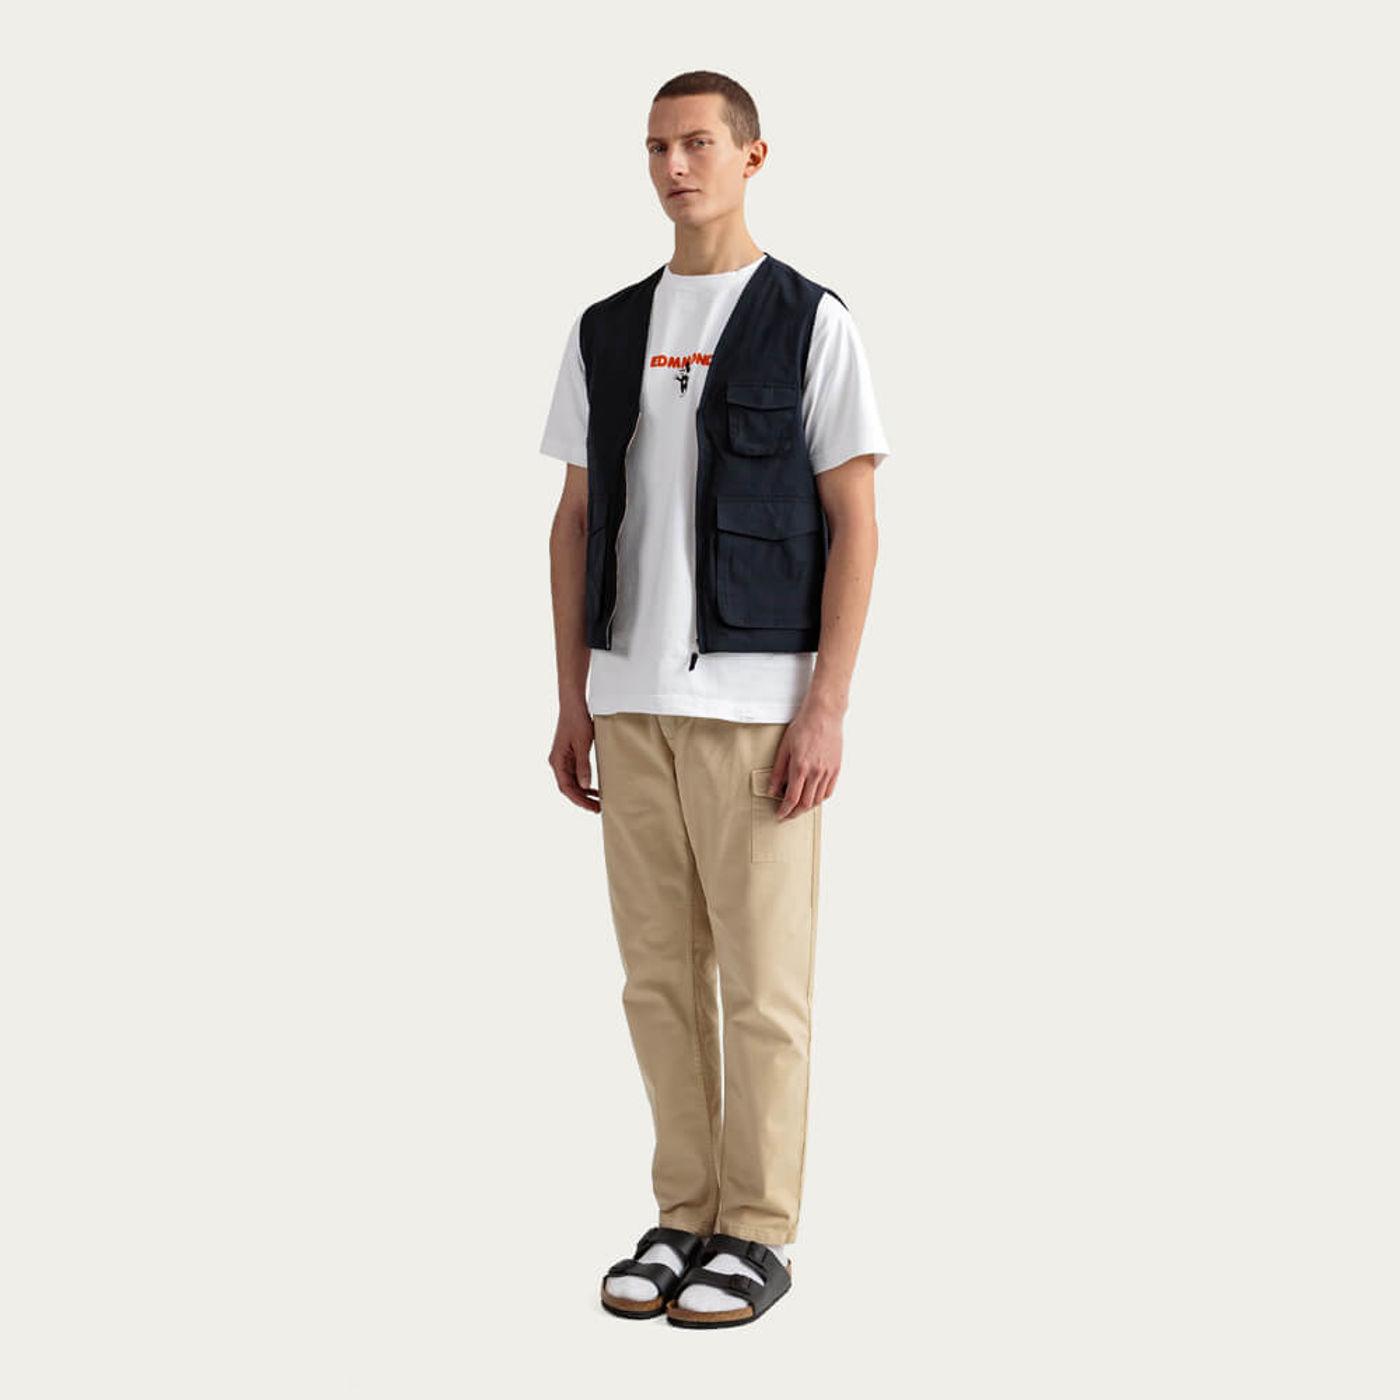 White Short Sleeve Blinky T-shirt   Bombinate